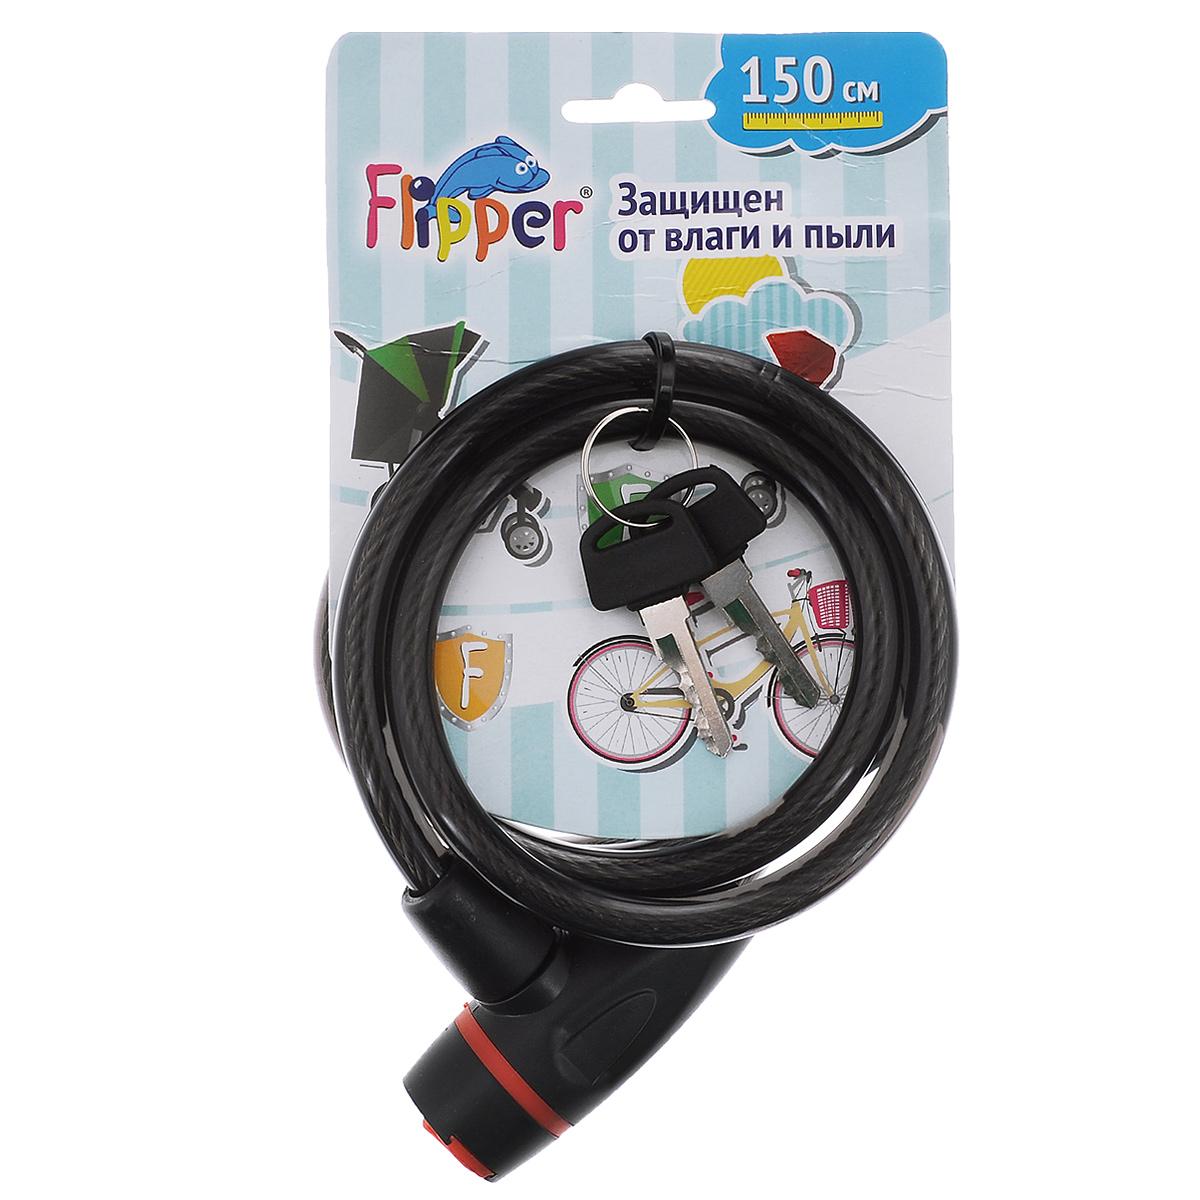 Замок для колясок Roxy-kids  Flipper , с защитной крышкой, цвет: черный, 150 см - Коляски и аксессуары